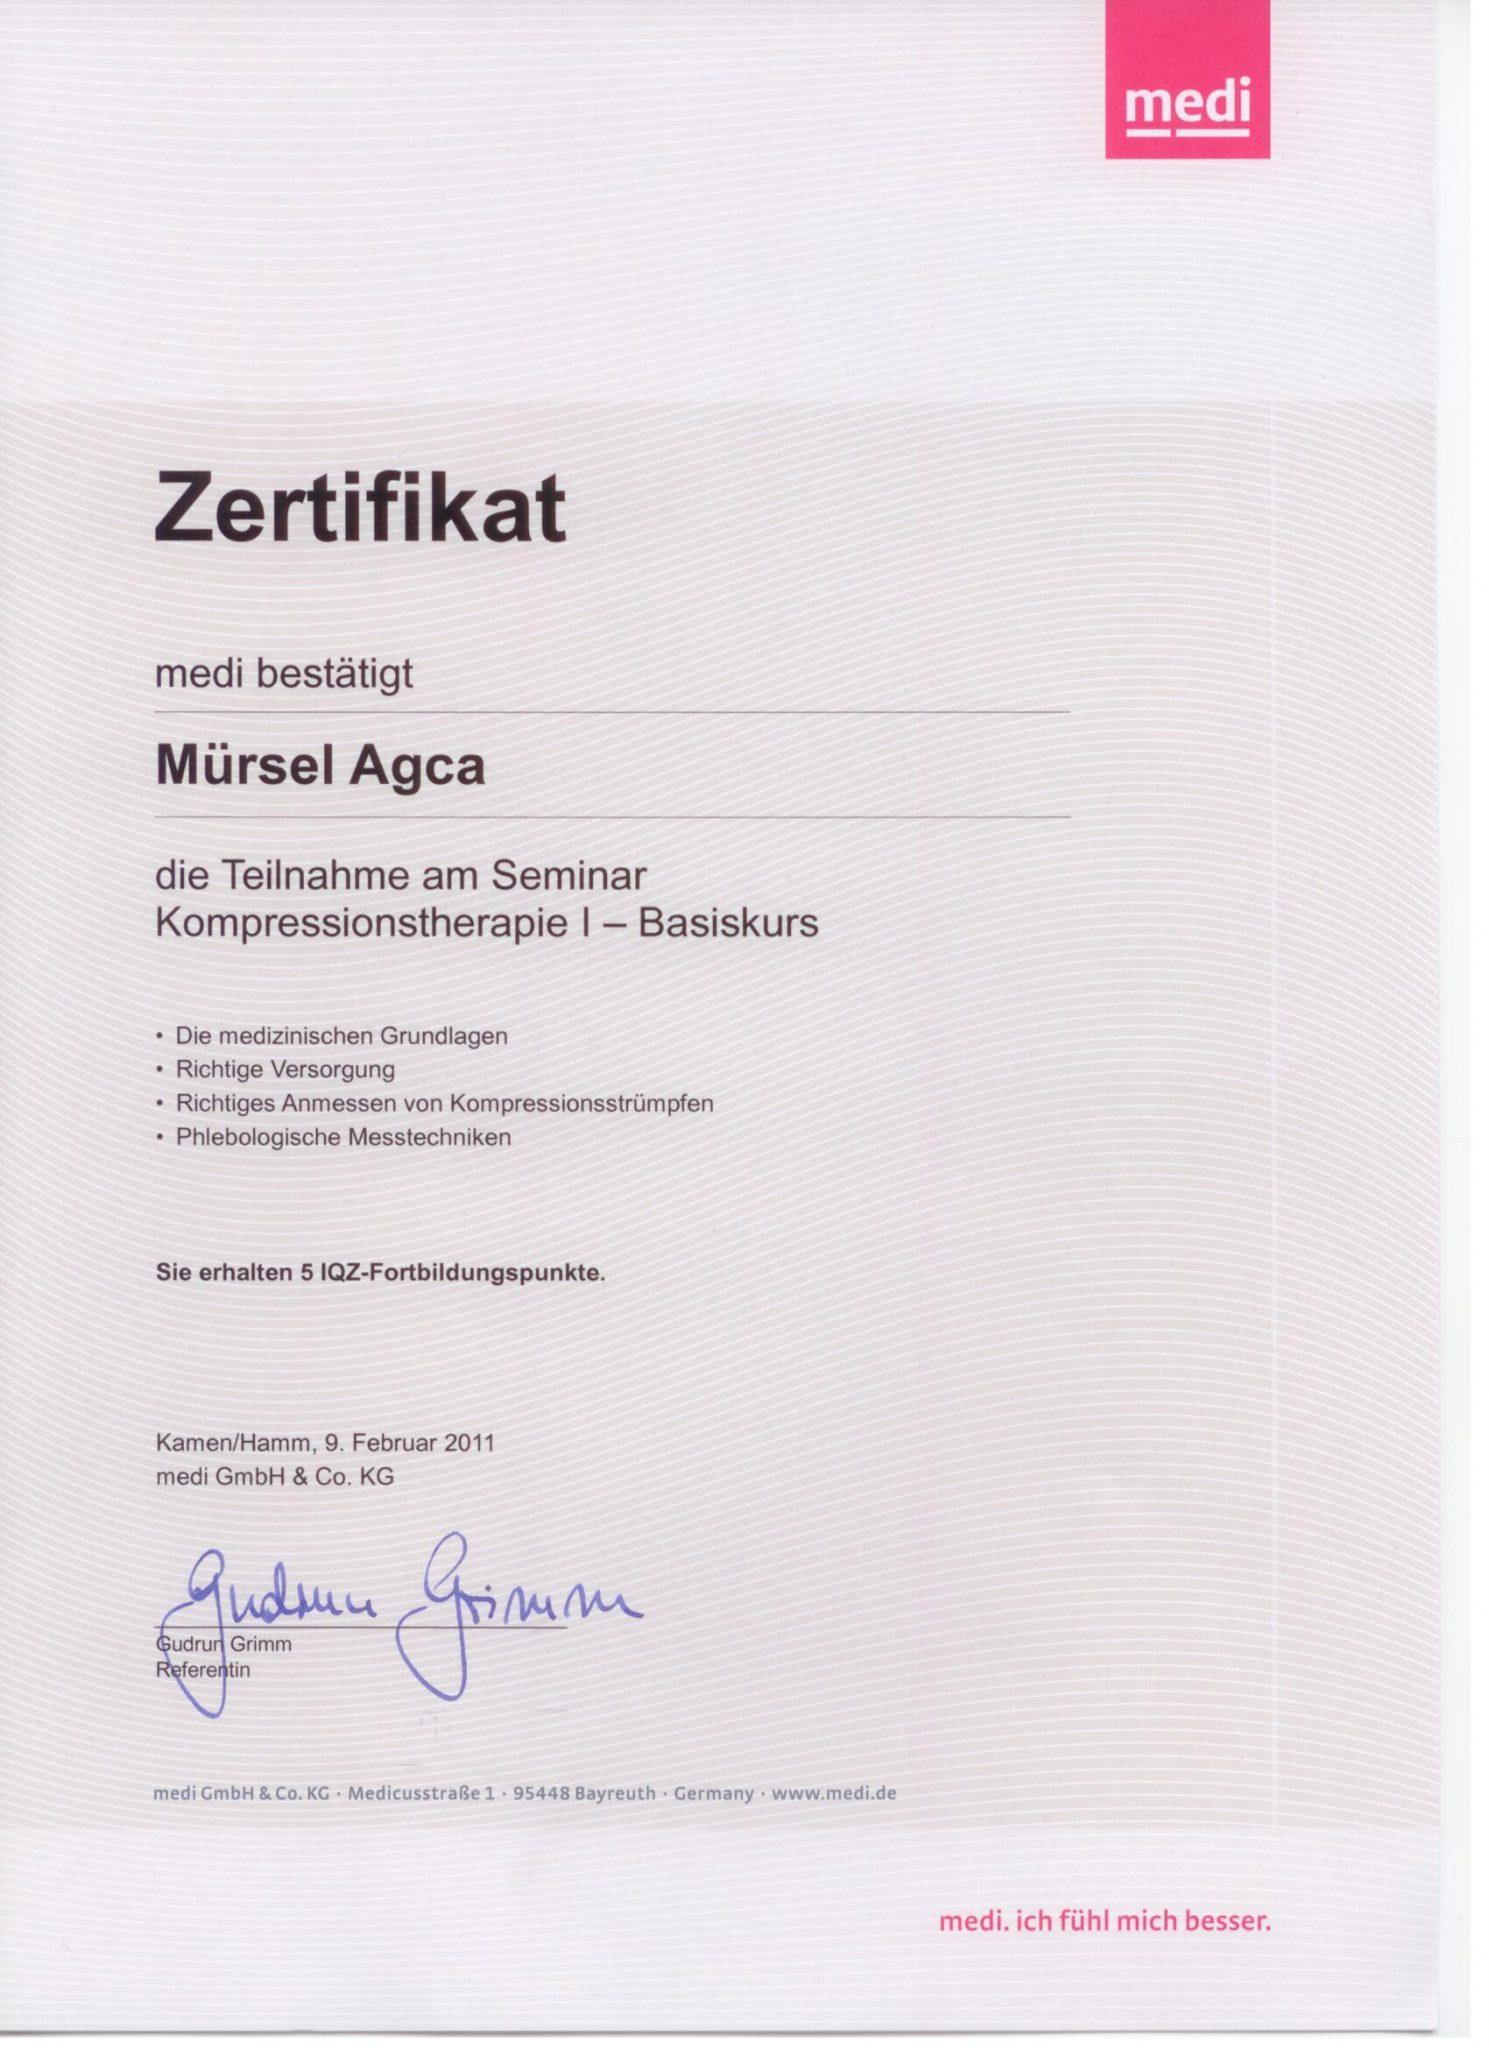 Großartig Vorlage Für Freiwillige Zertifikate Bilder - Entry Level ...